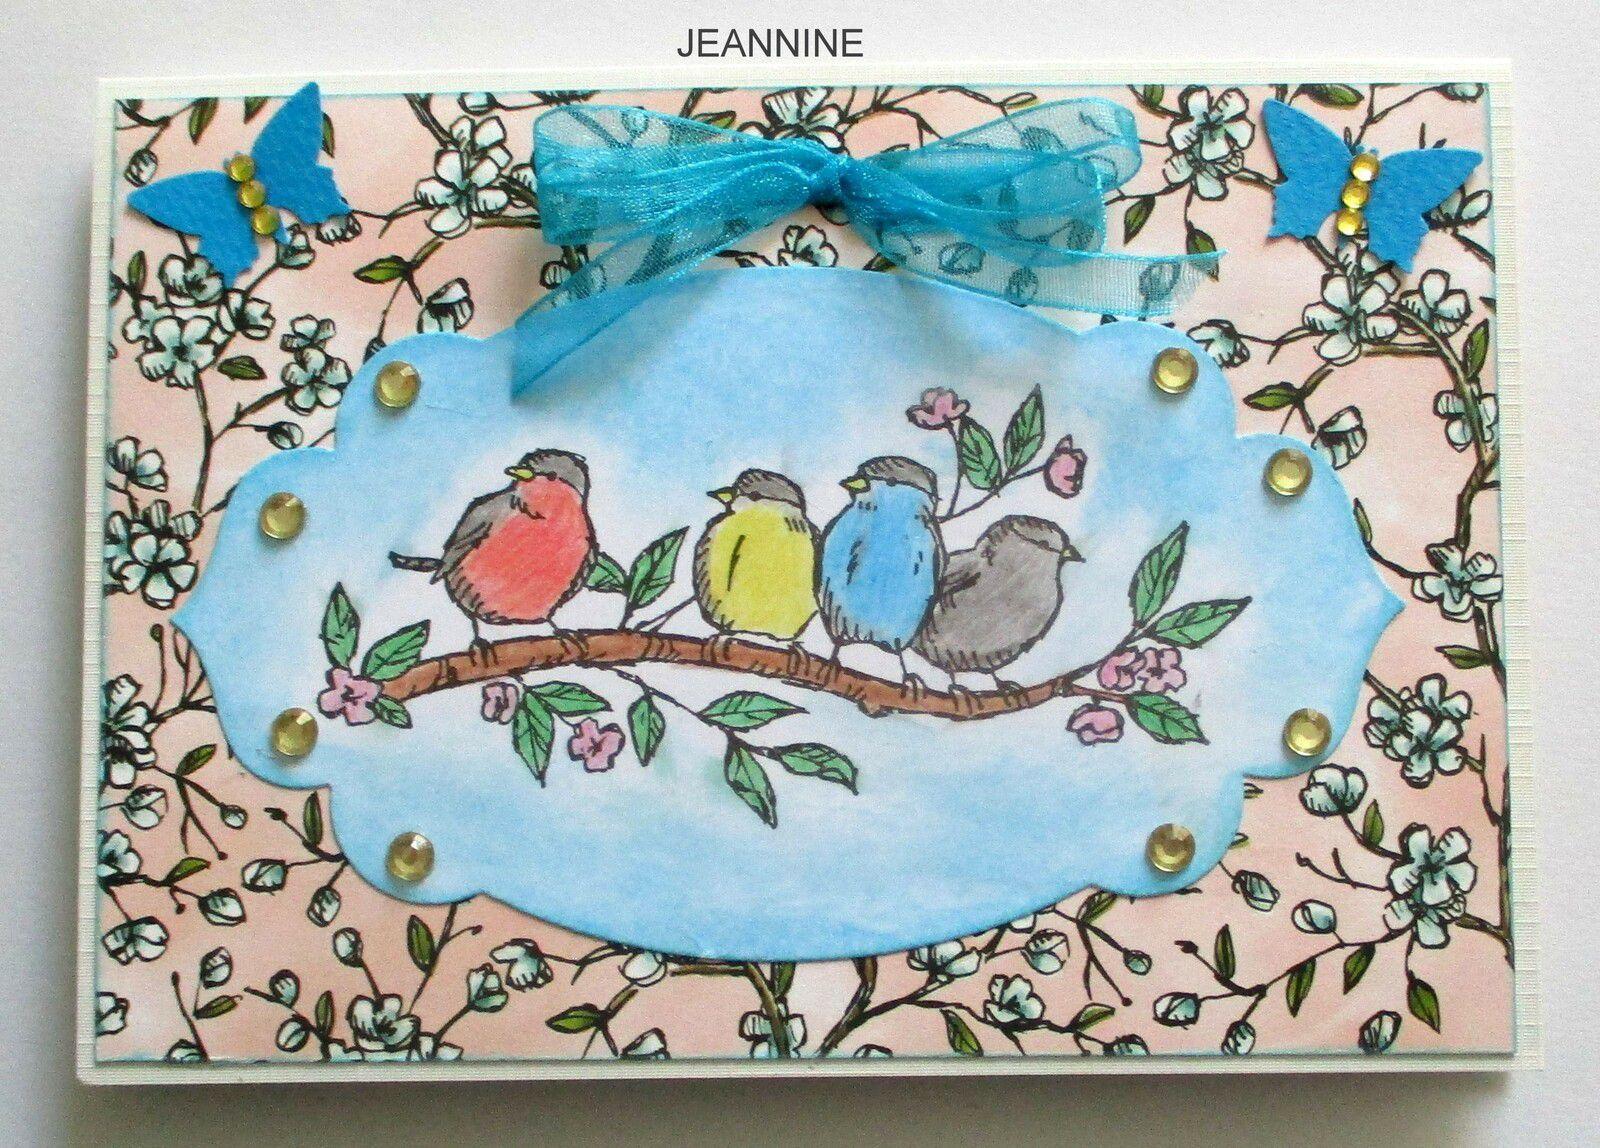 CARTE LIBRE DE NOTRE MISS JEANNINE CRISTAL 24 QUI MET LE TURBO LOL  ON AIME ON AIME!!!